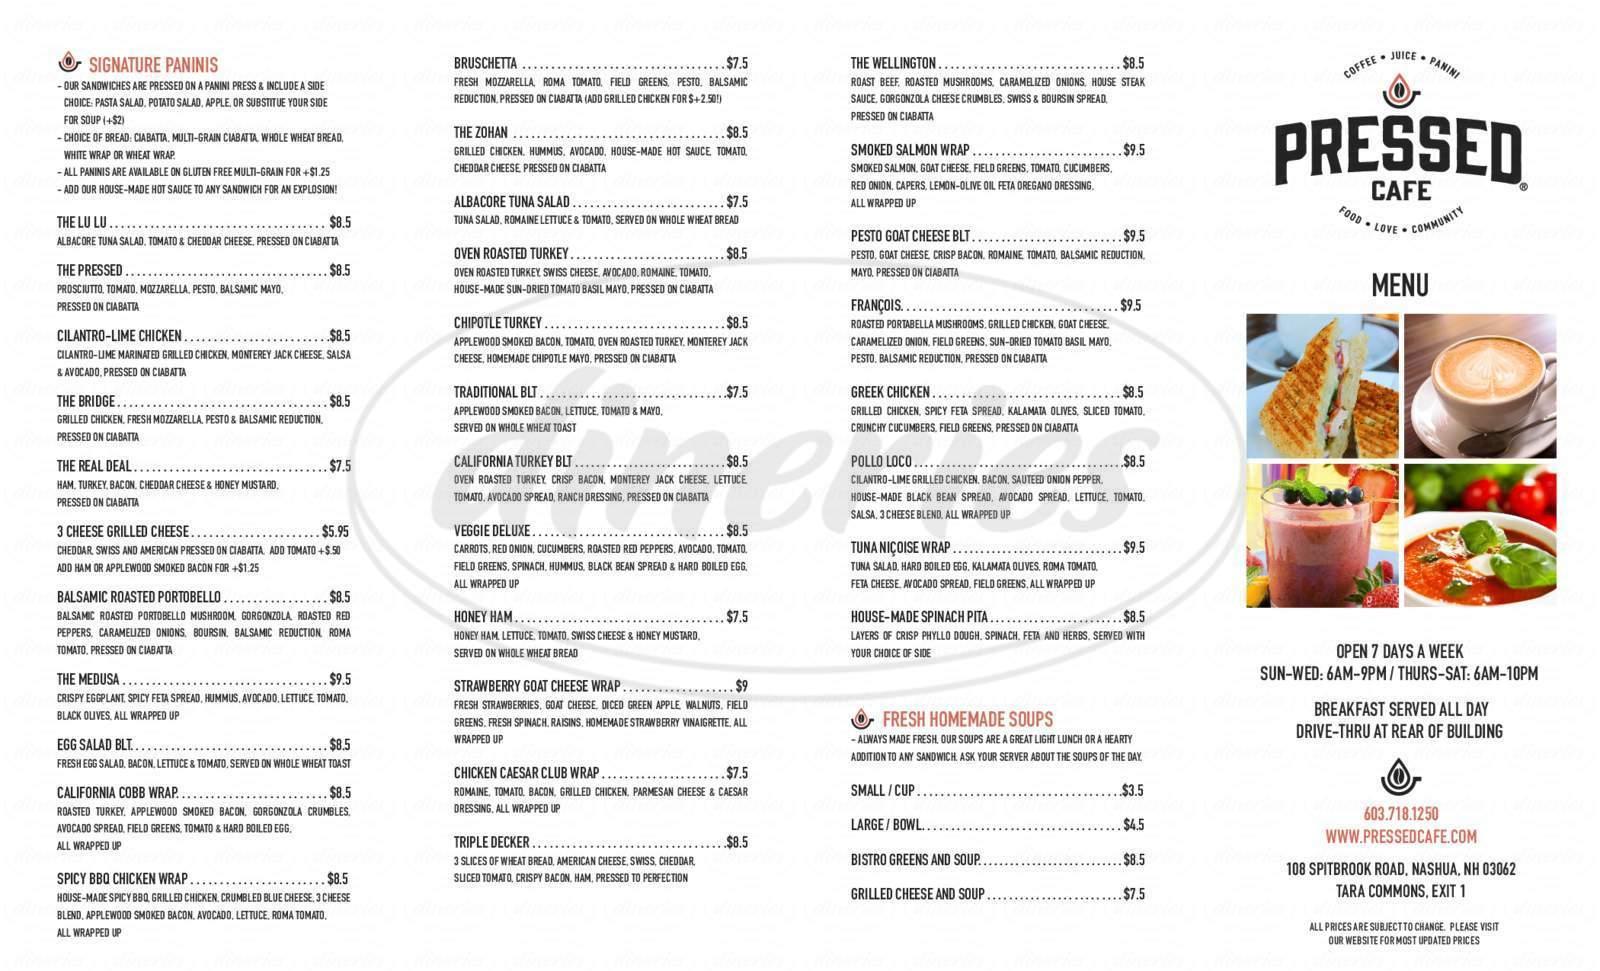 menu for Pressed Café